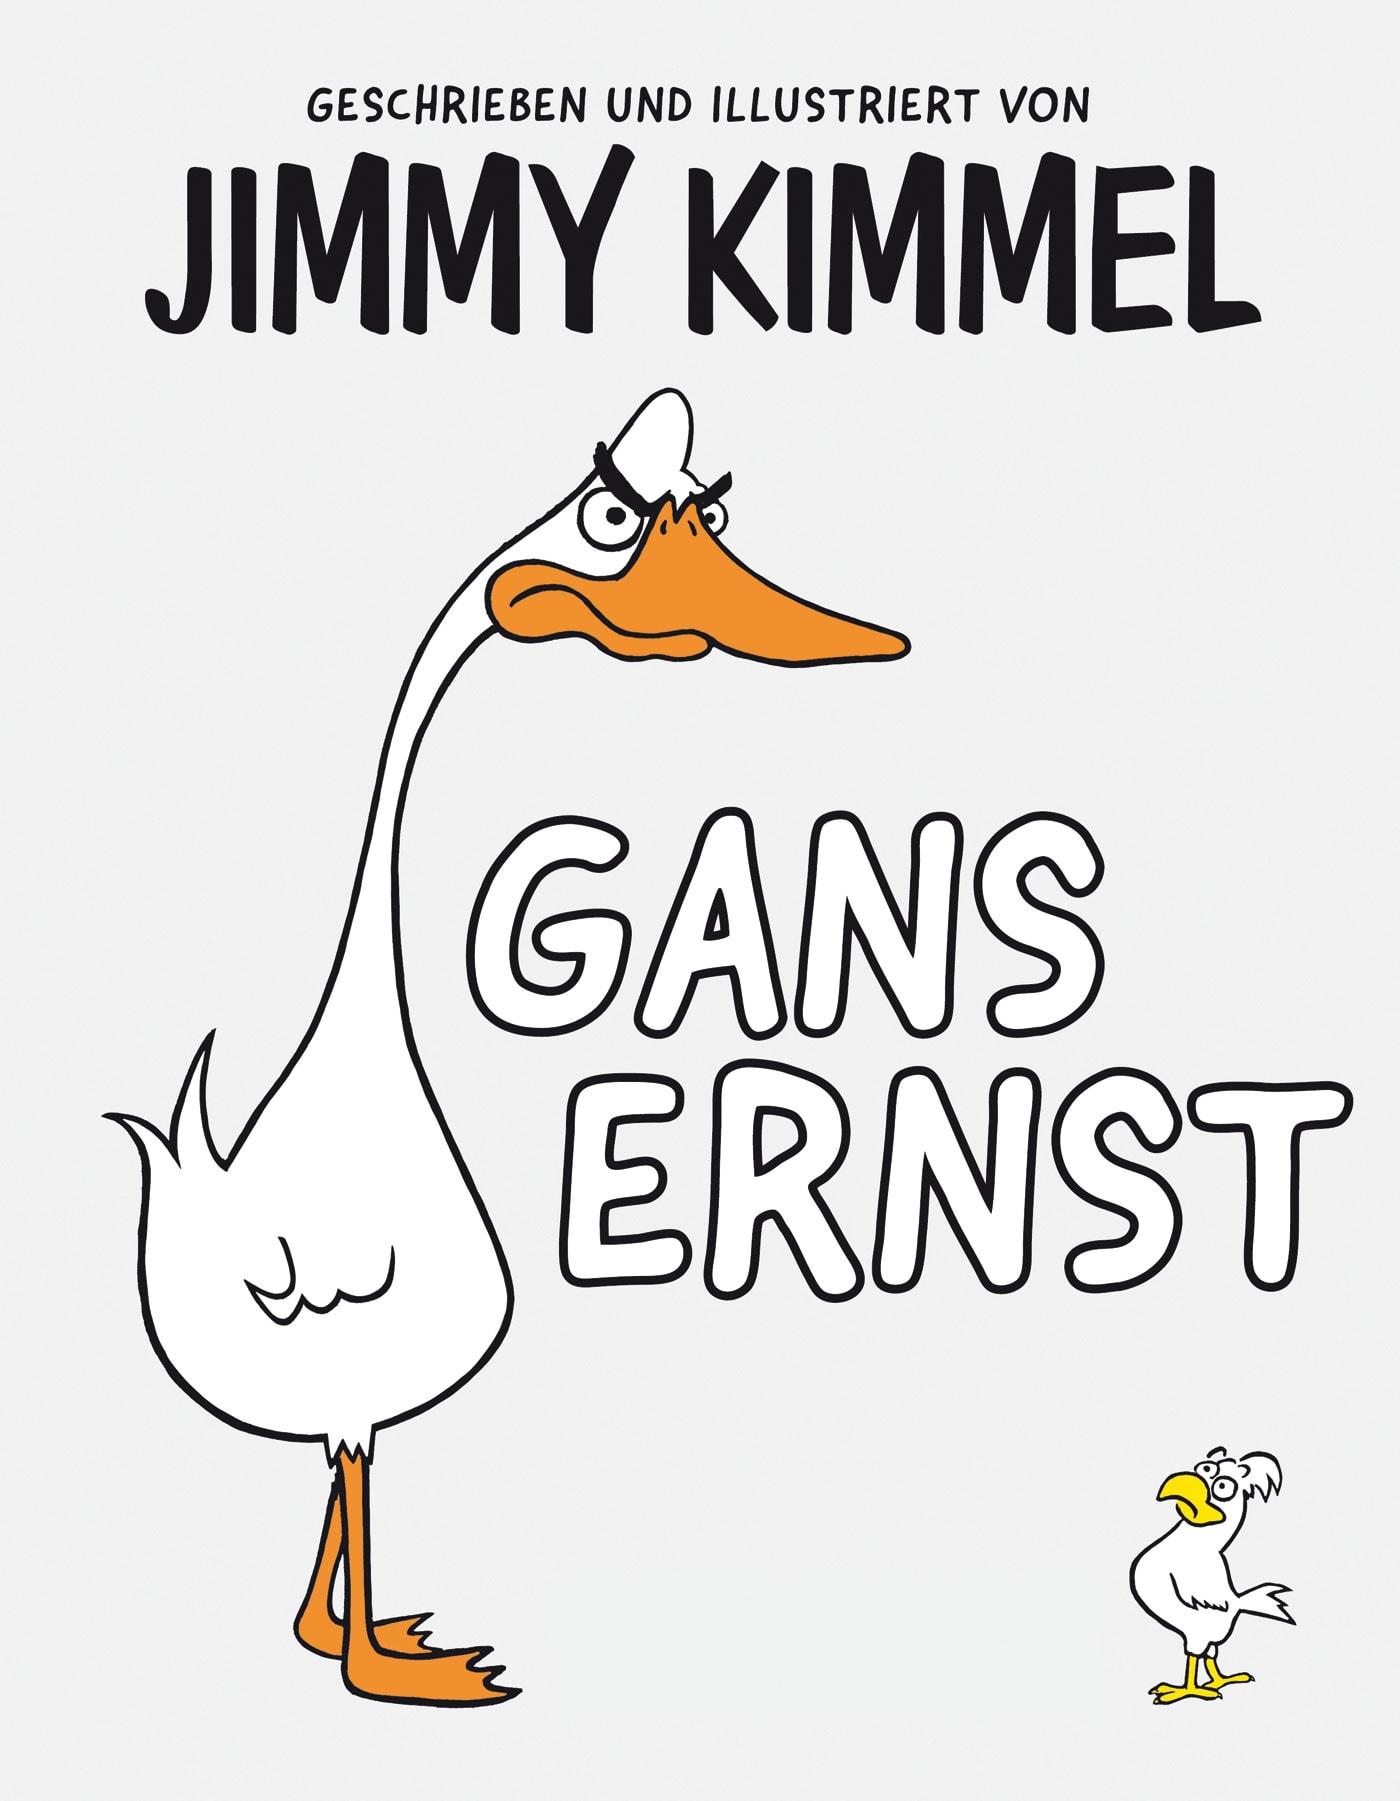 Jimmy Kimmel: Gans Ernst // HIMBEER